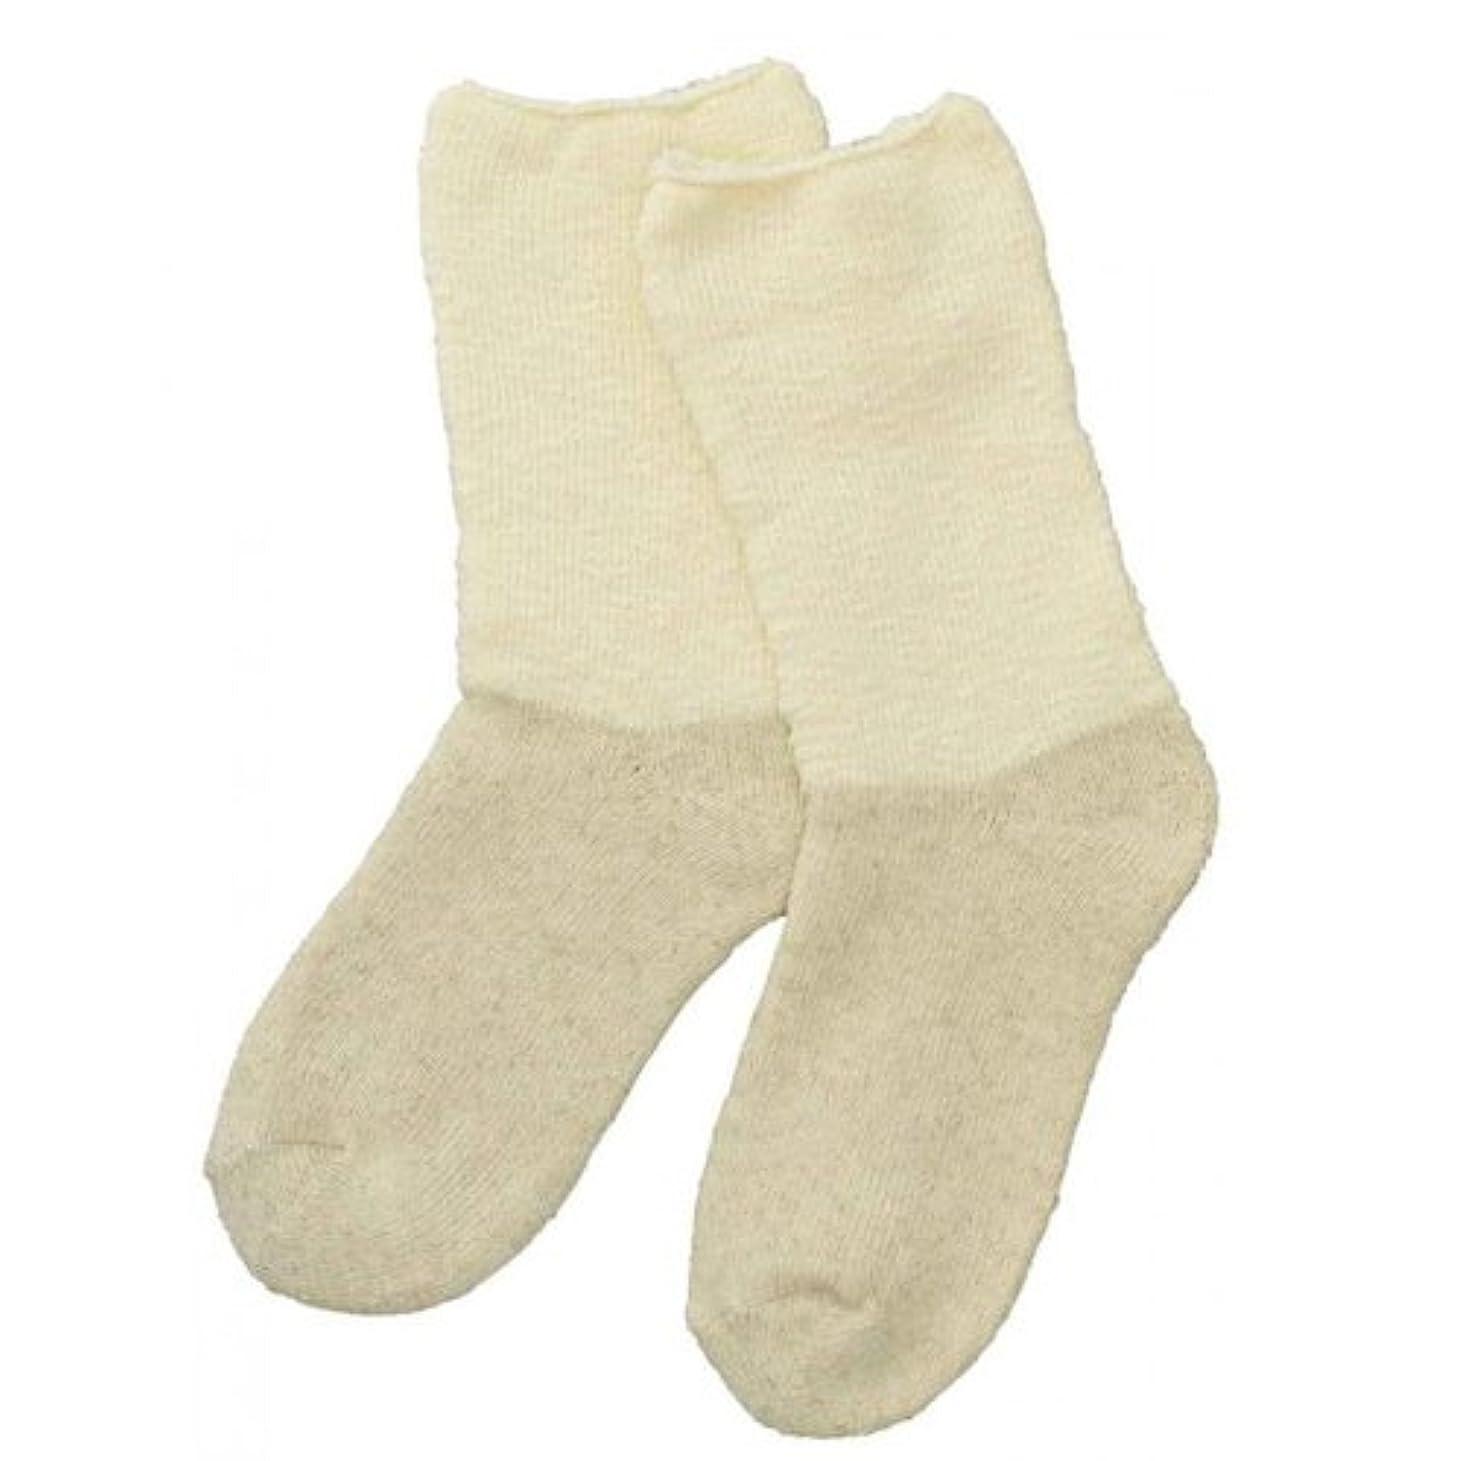 ピザ意志ジョージハンブリーCarelance(ケアランス)お風呂上りのやさしい靴下 綿麻パイルで足先さわやか 8706CA-31 クリーム